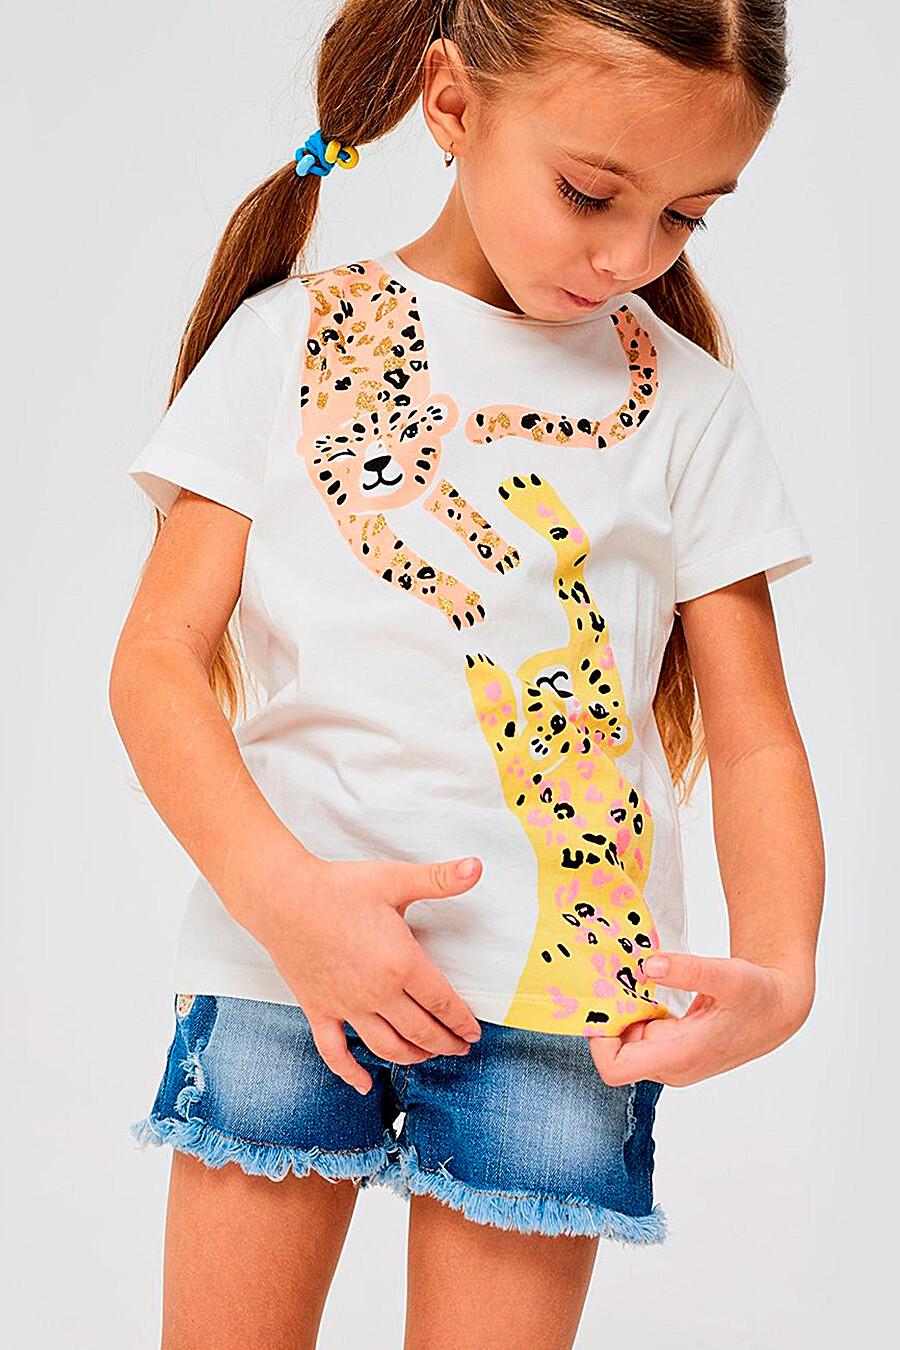 Футболка для девочек IN FUNT 289563 купить оптом от производителя. Совместная покупка детской одежды в OptMoyo